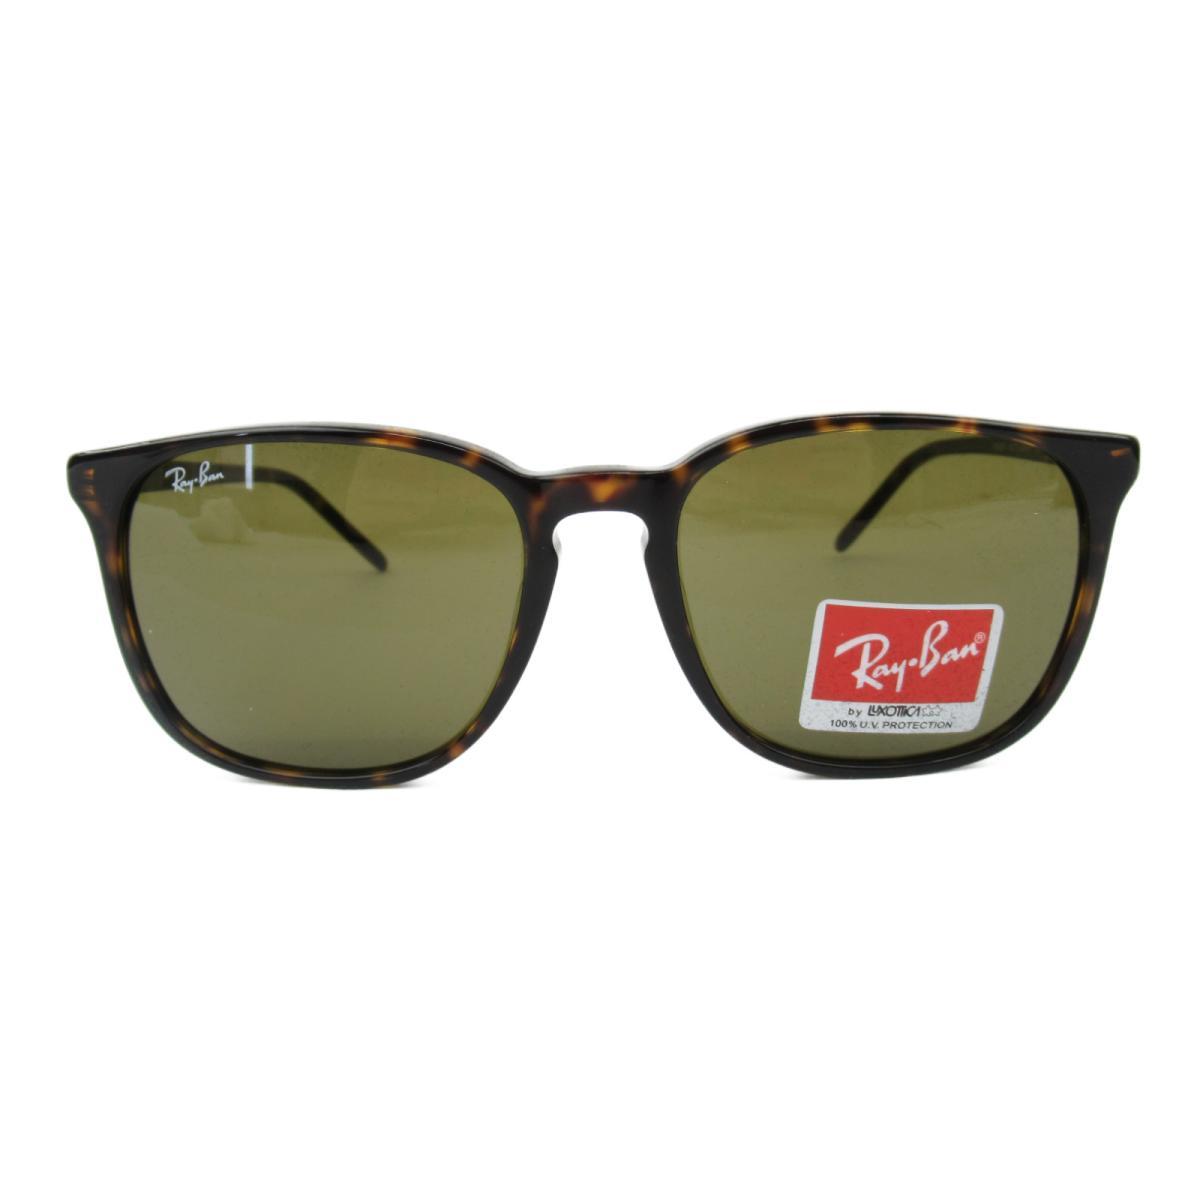 レイバン サングラス メンズ レディース レンズ;プラスチック/フレーム:プラスチック ブラウン x (4387F 902/73(55)) | Ray Ban BRANDOFF ブランドオフ ブランド ブランド雑貨 小物 雑貨 眼鏡 メガネ めがね